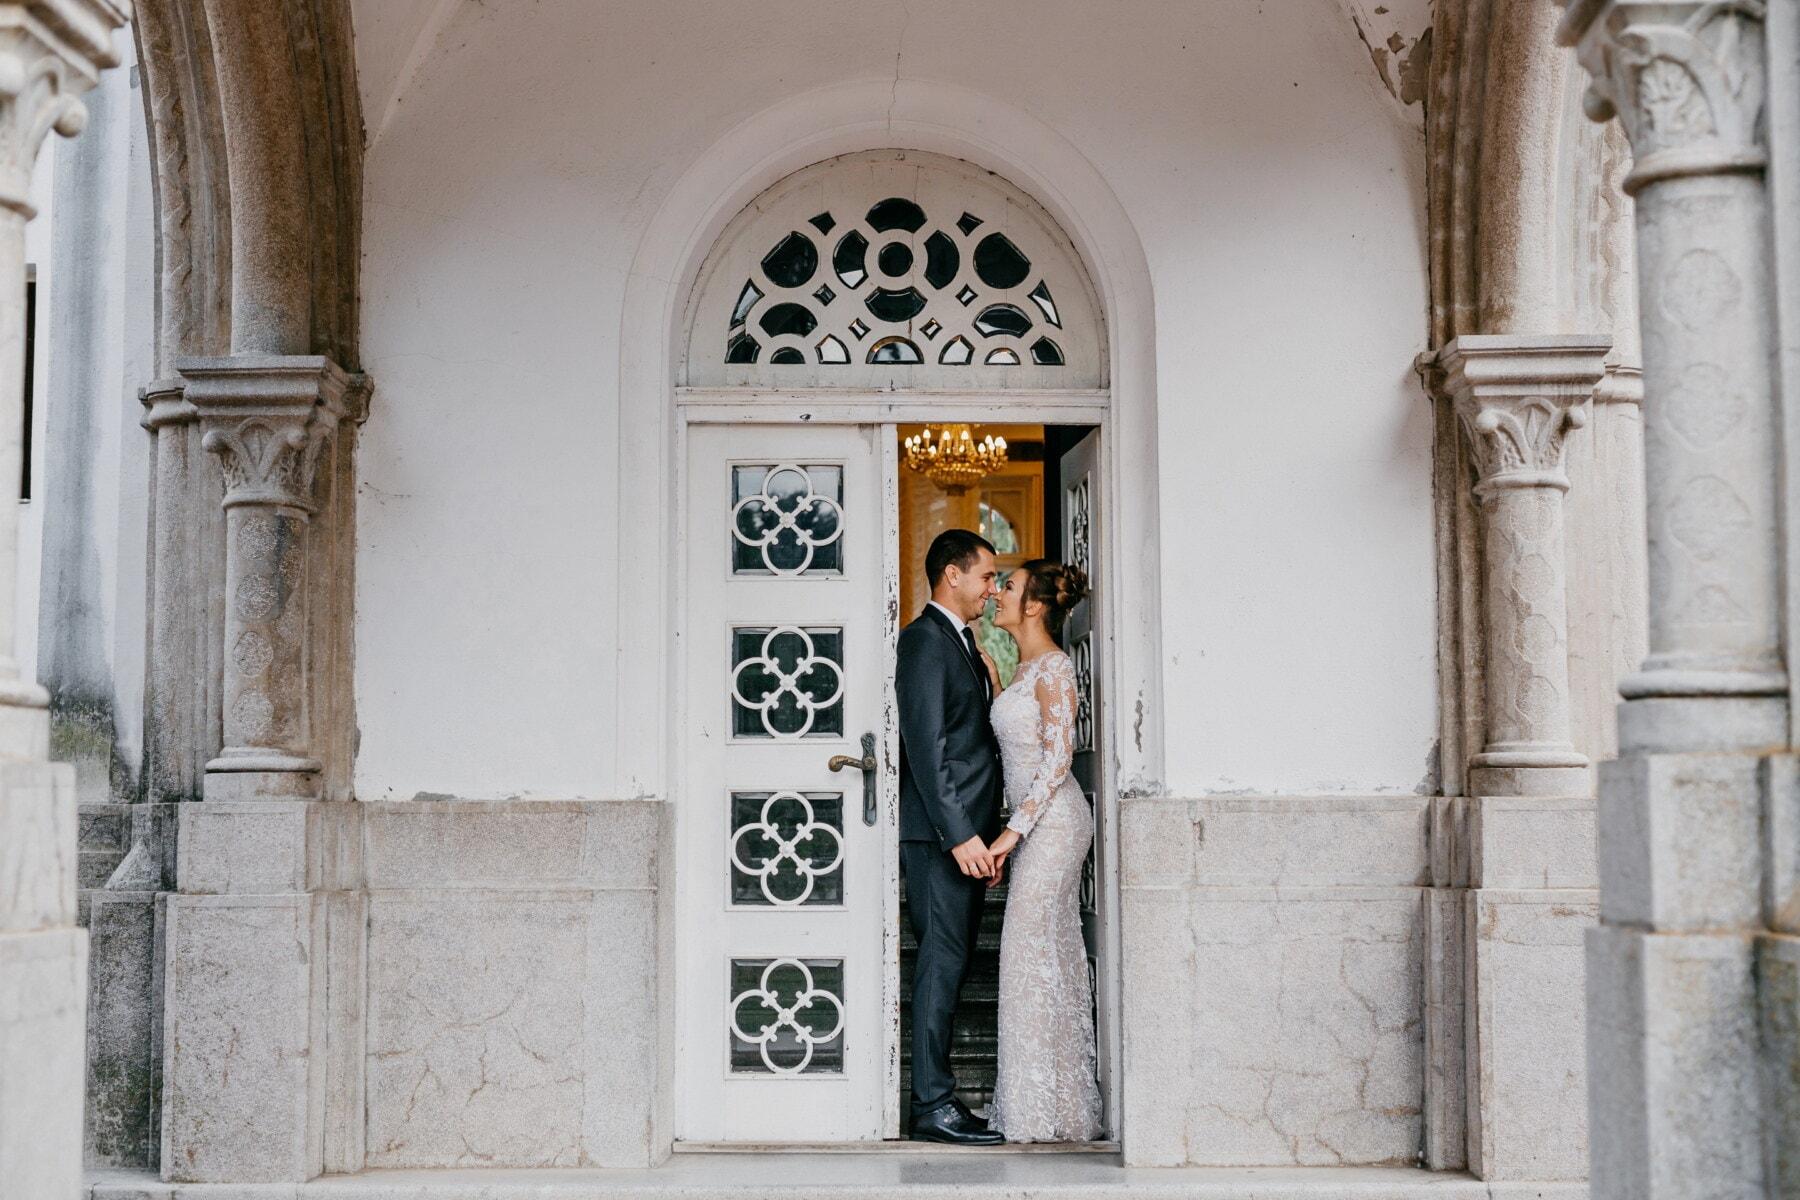 femme, mari, porche, debout, porte d'entrée, porte, architecture, bâtiment, fenêtre, gothique